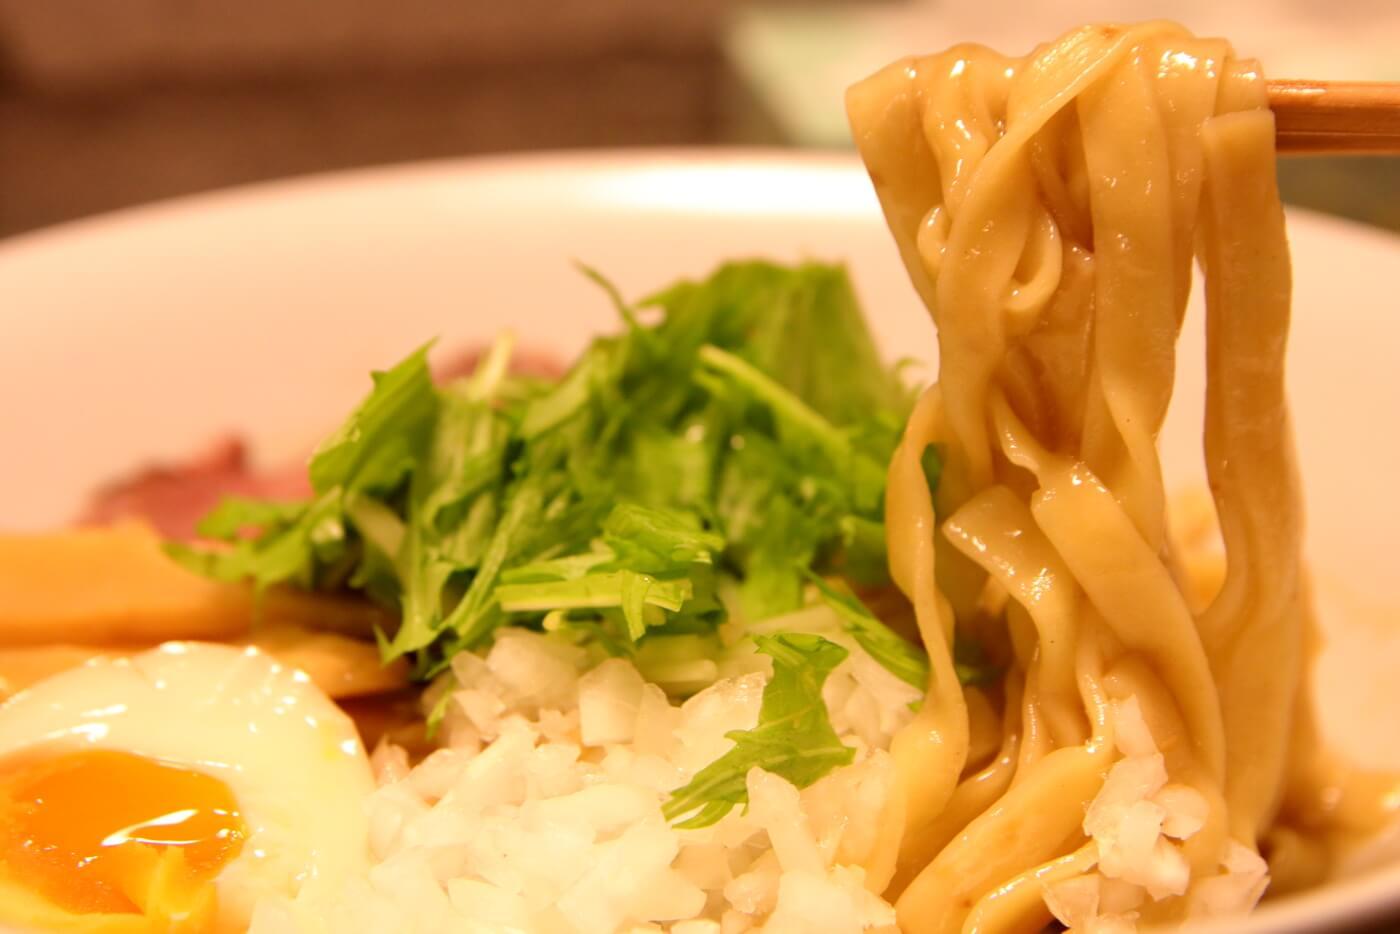 高知市一宮のラーメン店 和へる(あえる) 油そばの平打ち麺